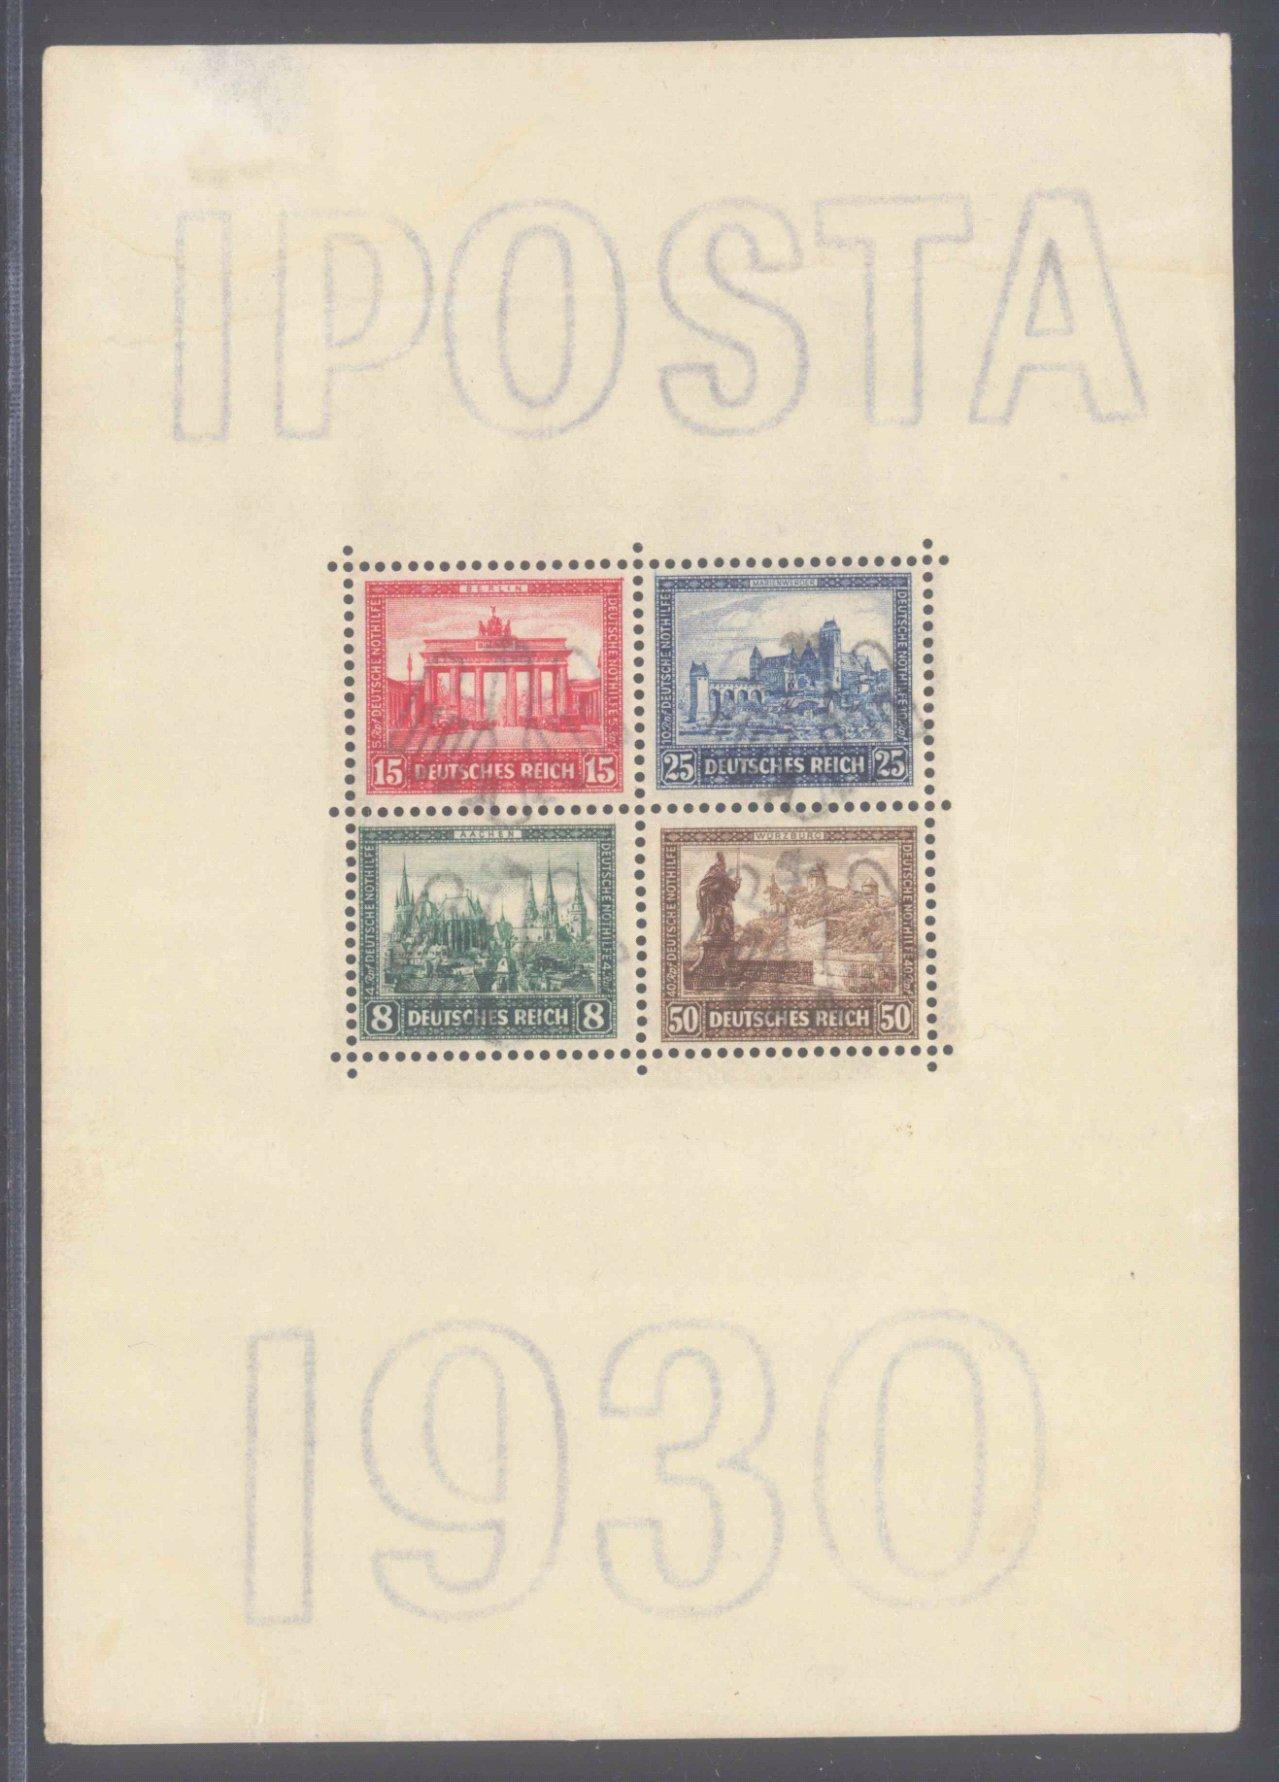 DEUTSCHES REICH 1930, IPOSTA – BLOCK